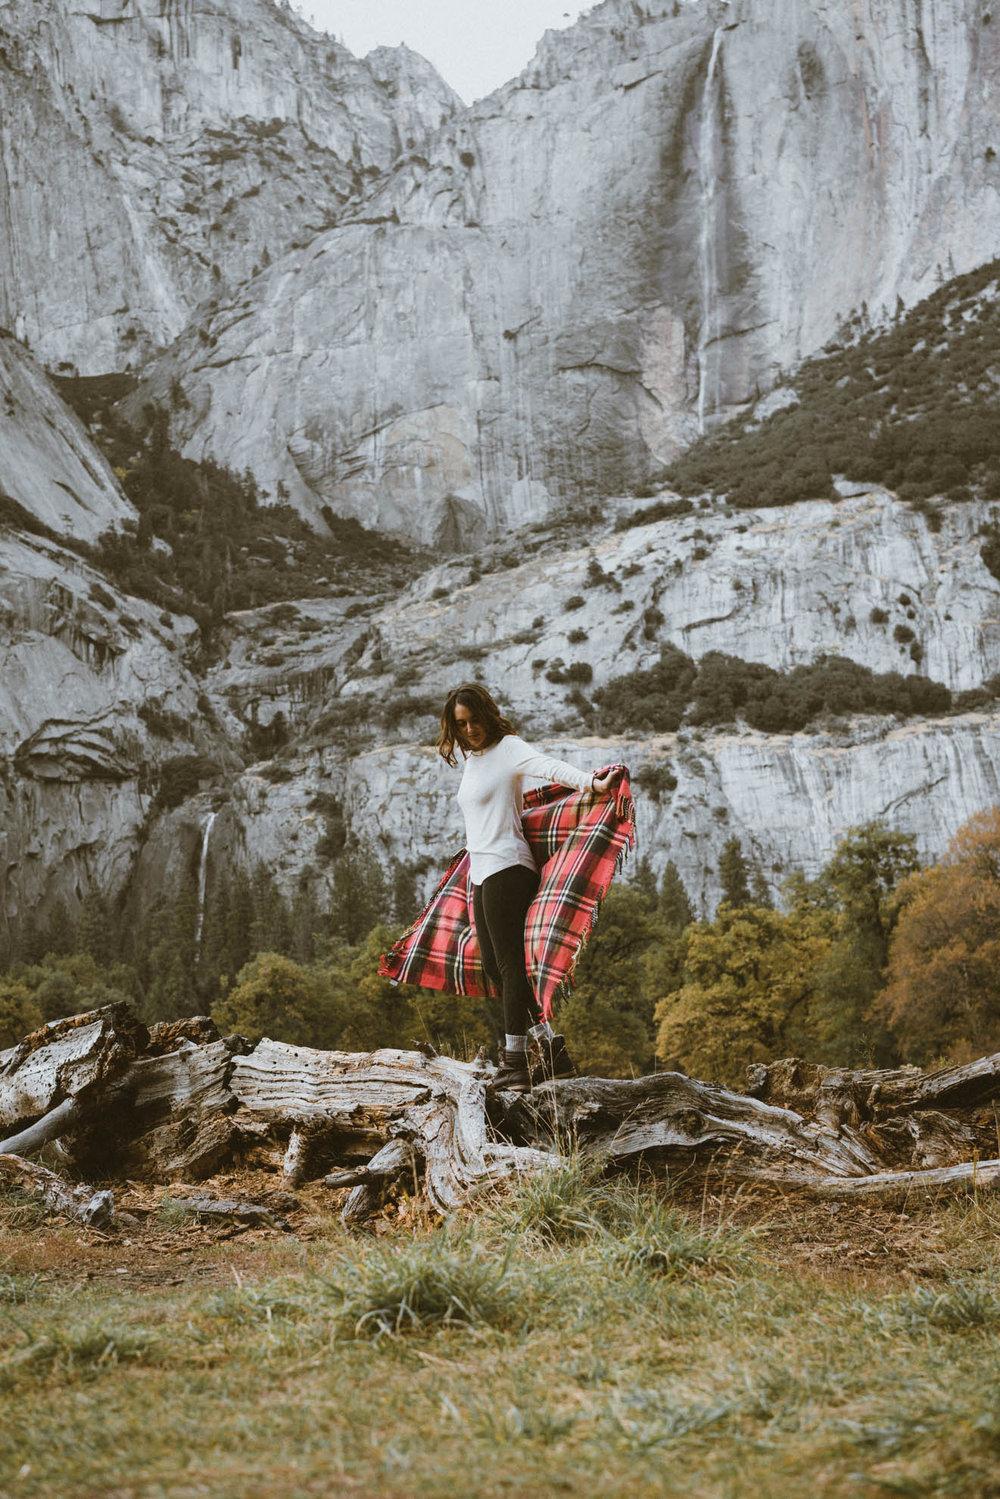 Photo shoot at Yosemite National Park